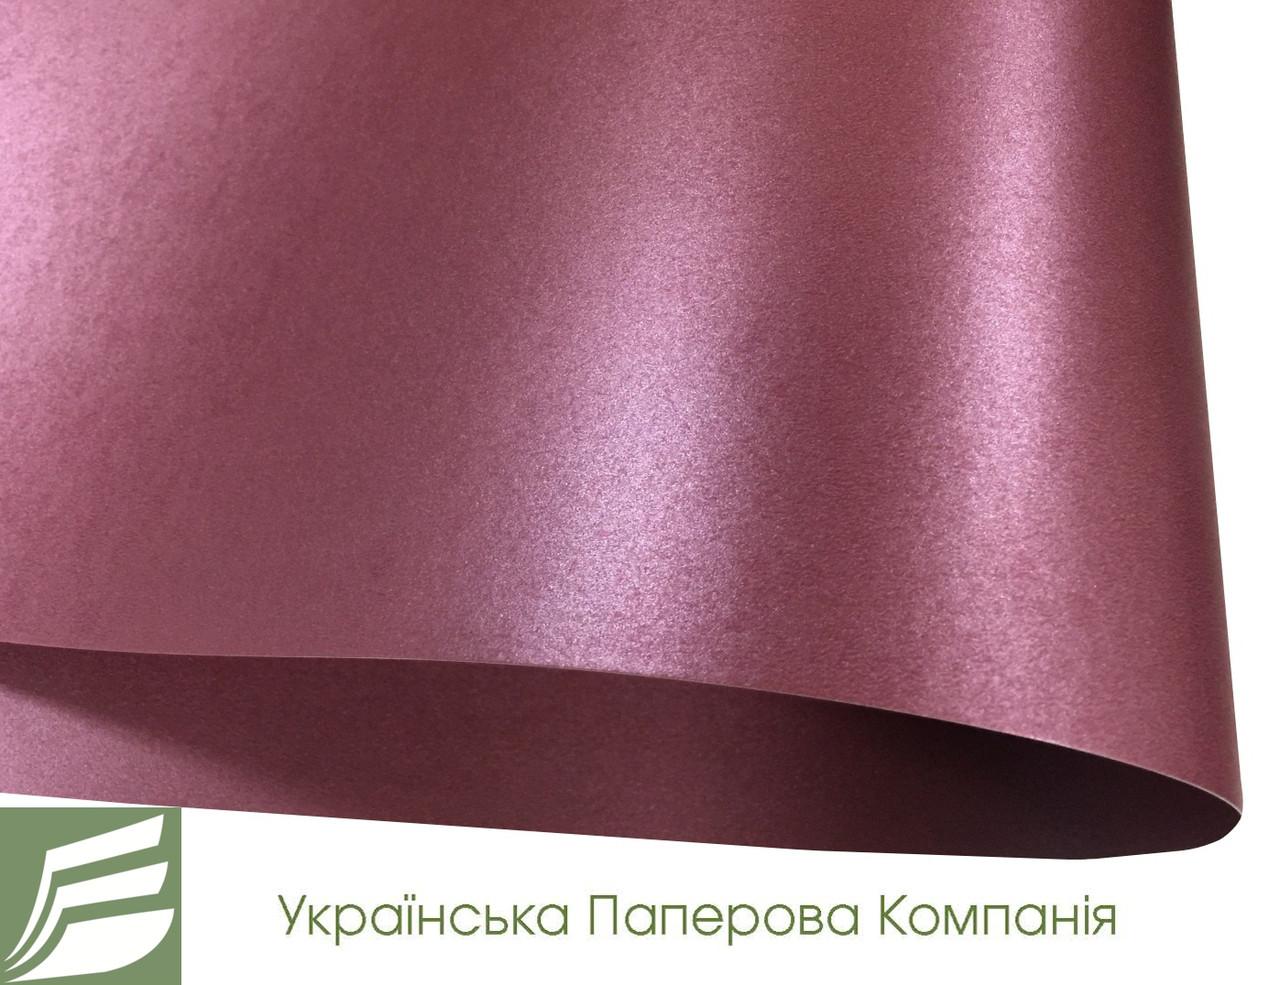 Дизайнерский картон Satin Lilac Paper, сиреневый перламутровый, 250 гр/м2